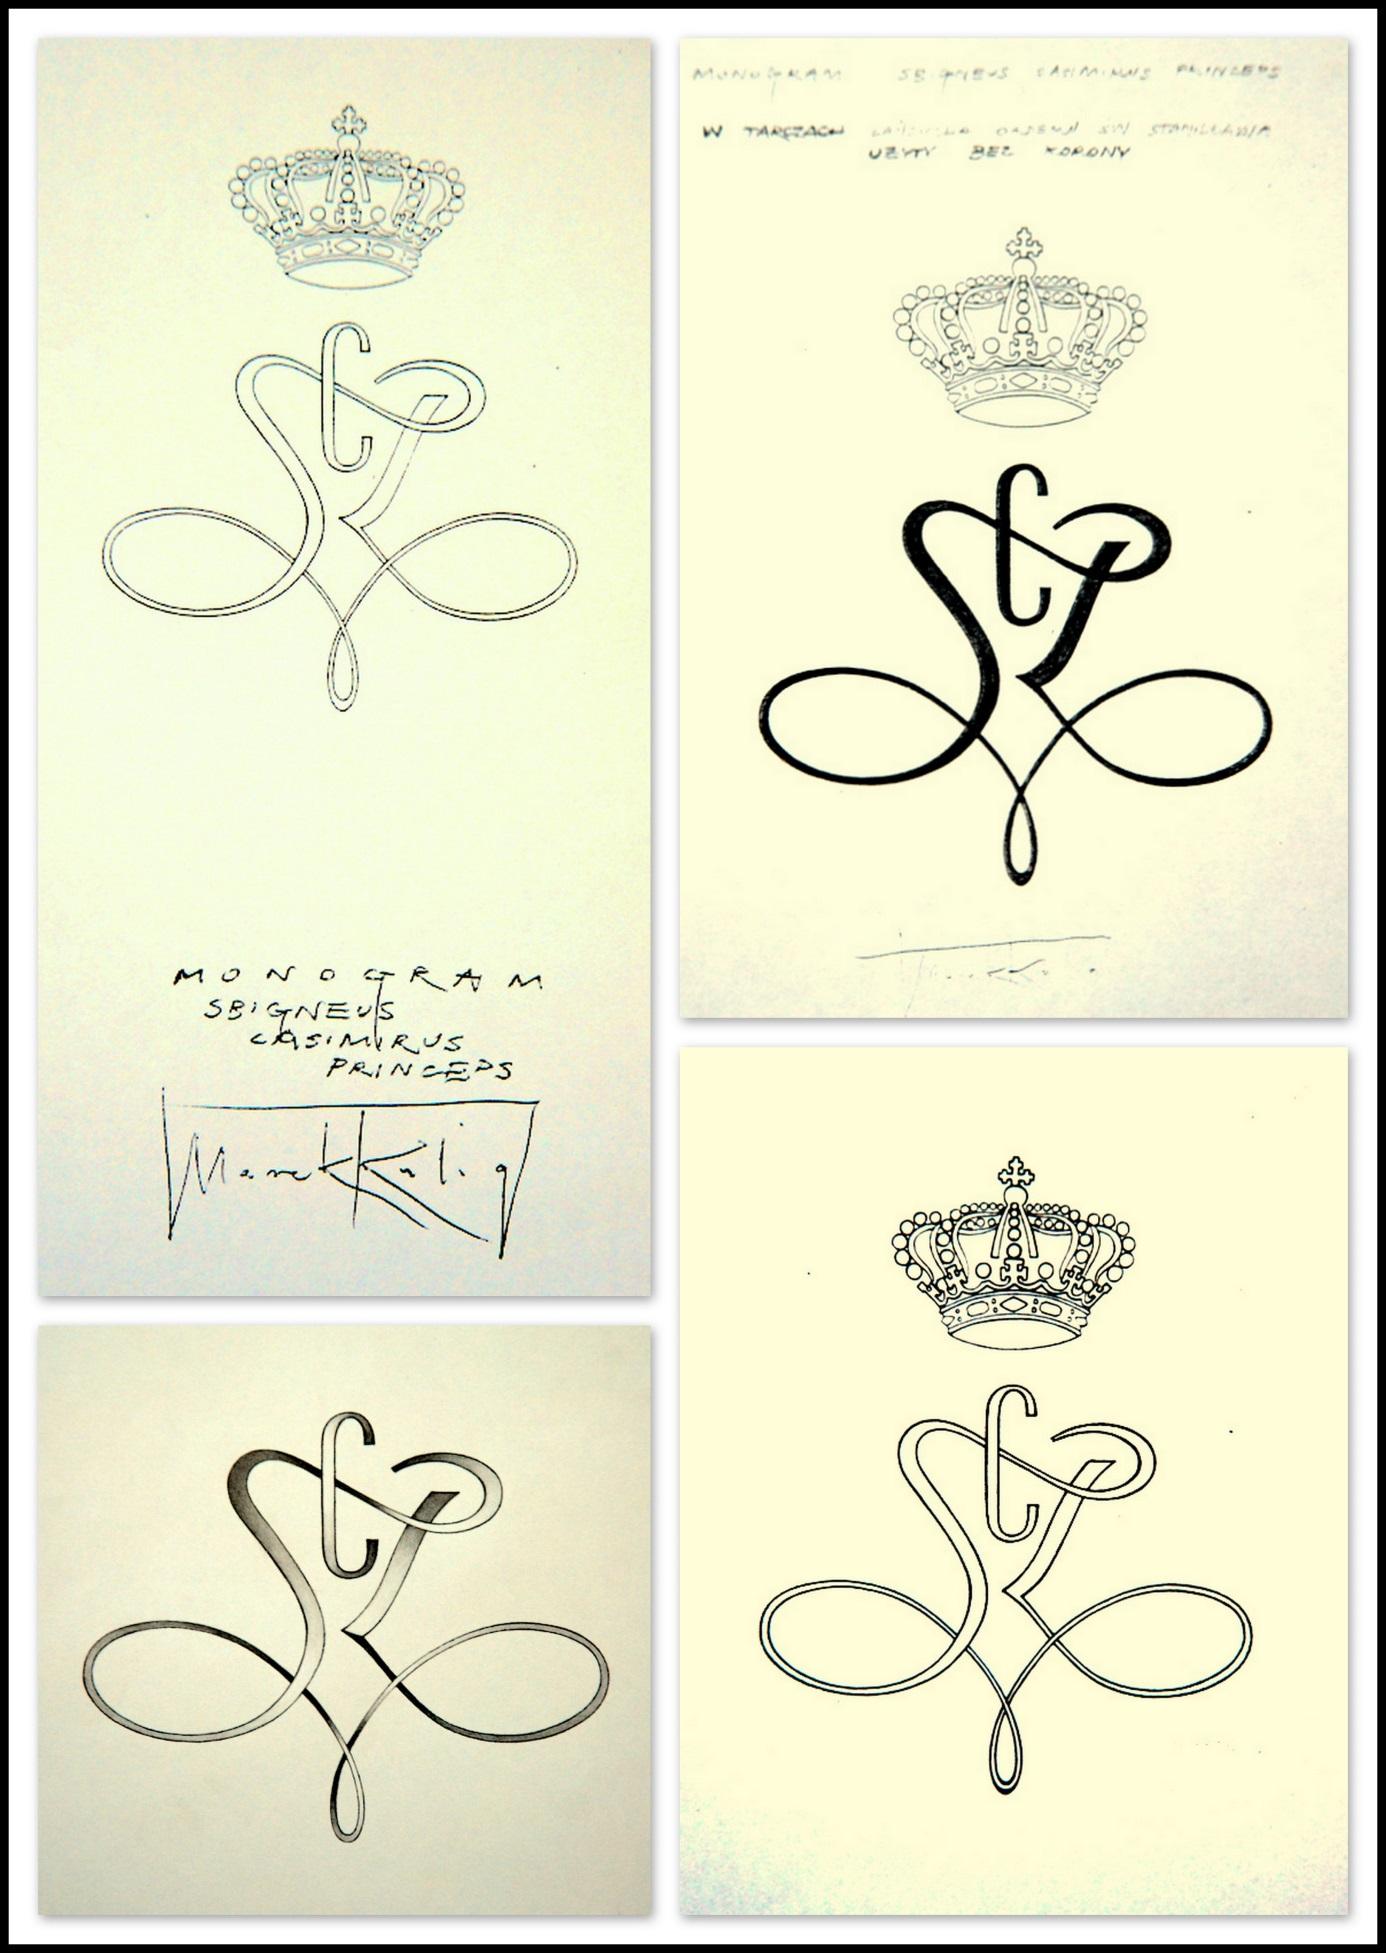 """Projekt monogramu """"Sbigneus Casimirus Princeps"""", Wrocław, 2000"""